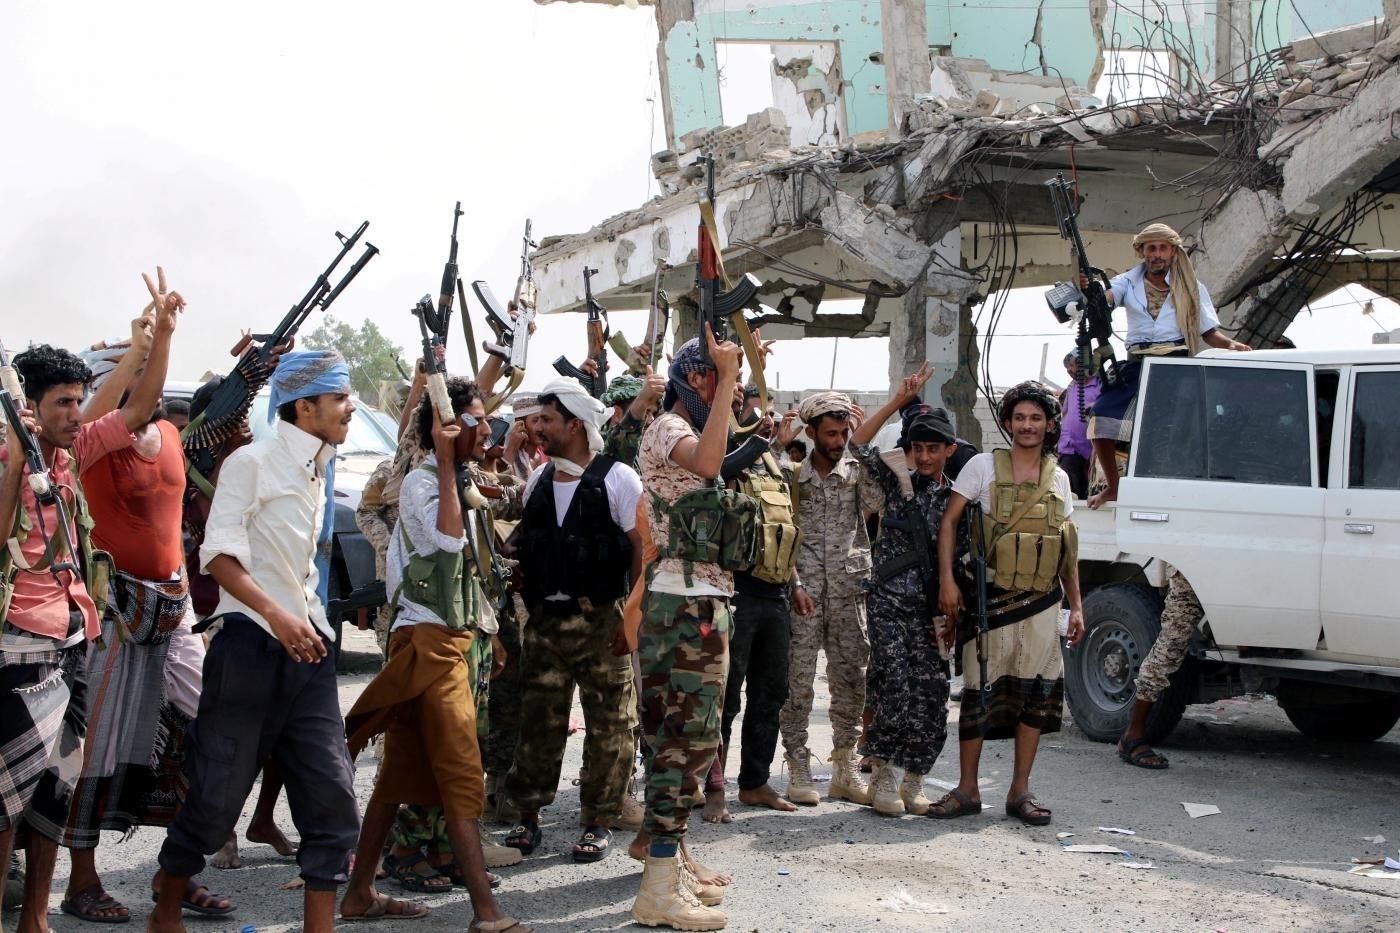 القوات اليمنية تسيطر على معسكر اللبنات  والمرازيق شرق الحزم